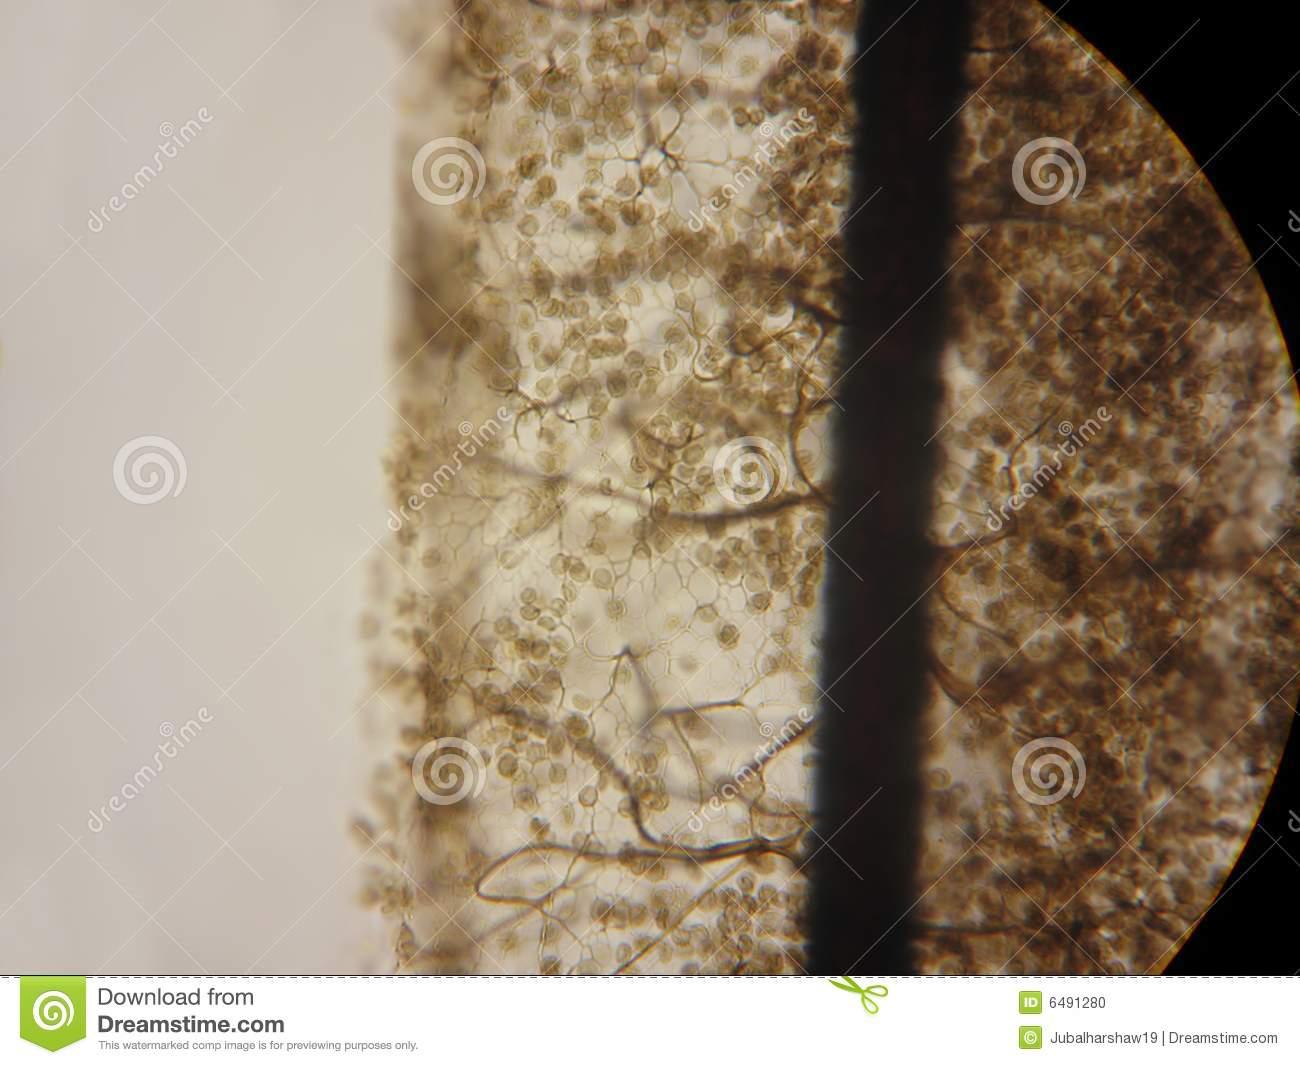 Stemonitis Slime Mold Stock Photo.